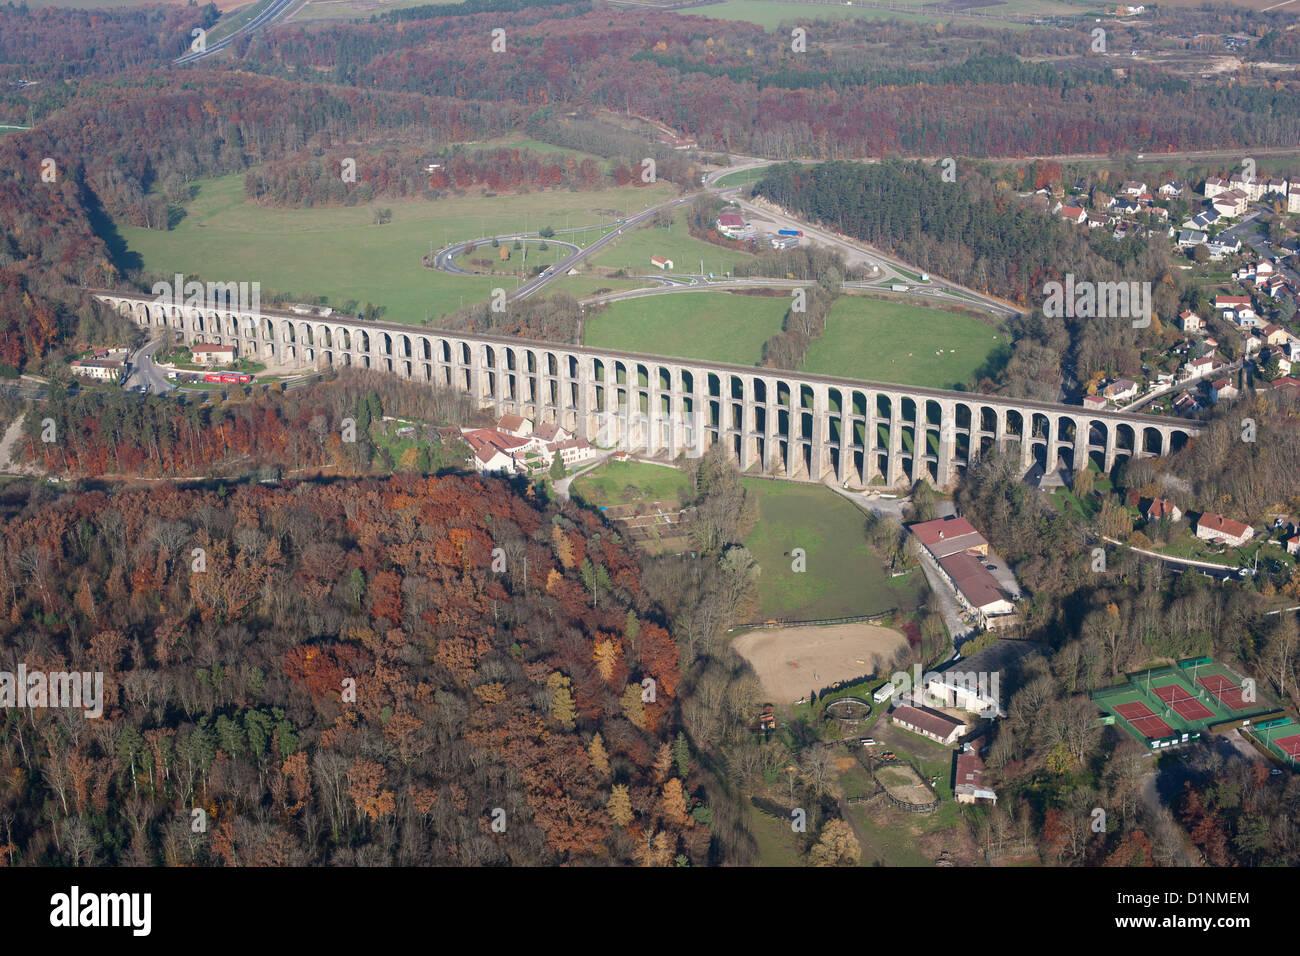 Viaduc en pierre de trois étages (vue aérienne). Construit en 1857, la ligne de chemin de fer Paris-Bâle. Photo Stock